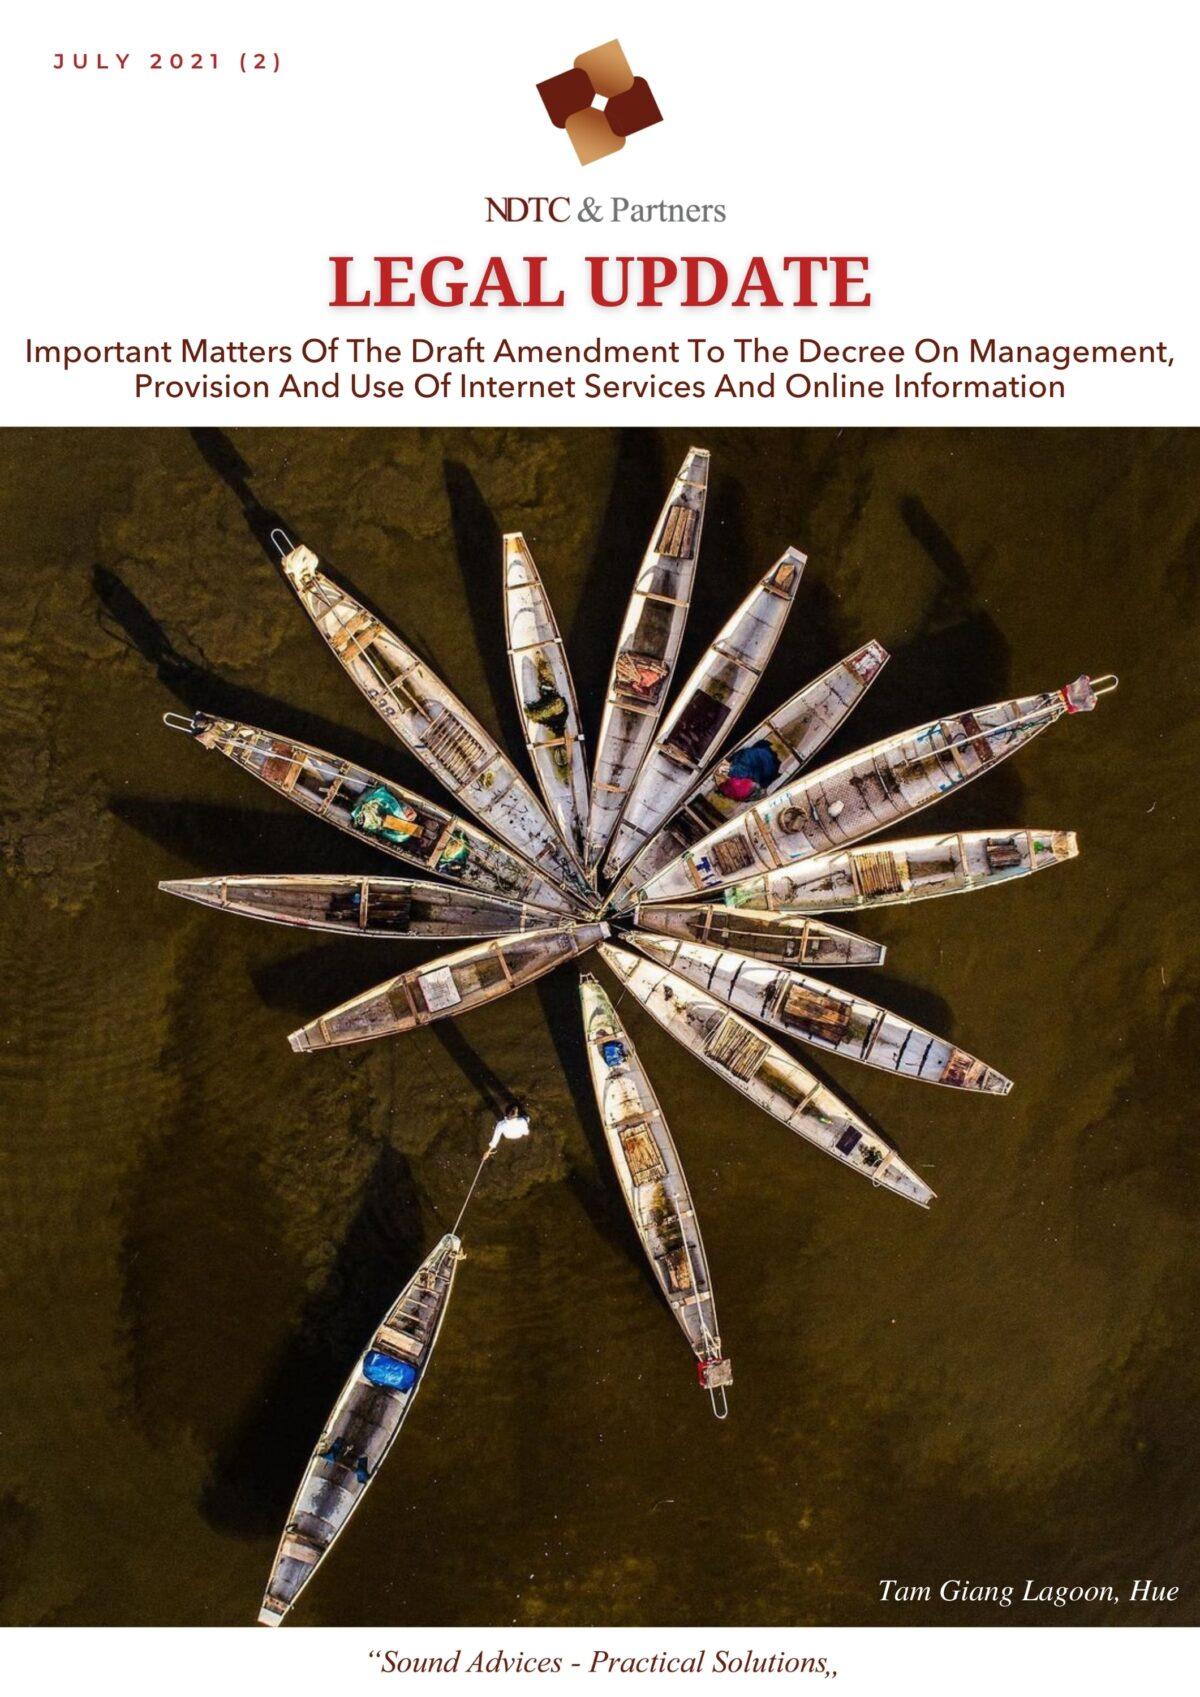 Legal Update July 2021 (2)